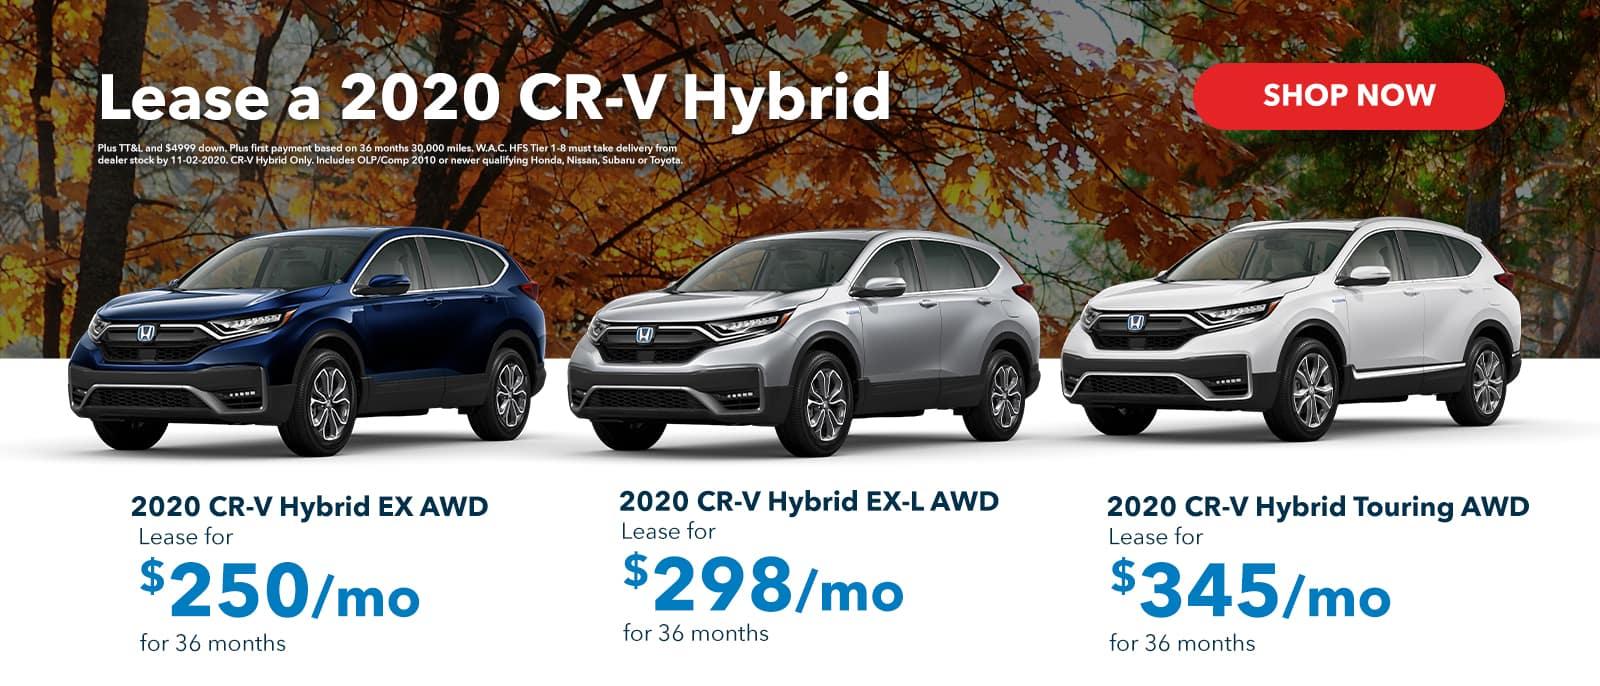 FSHRHD_SL_1600x686_2020-CRV-Hybrid